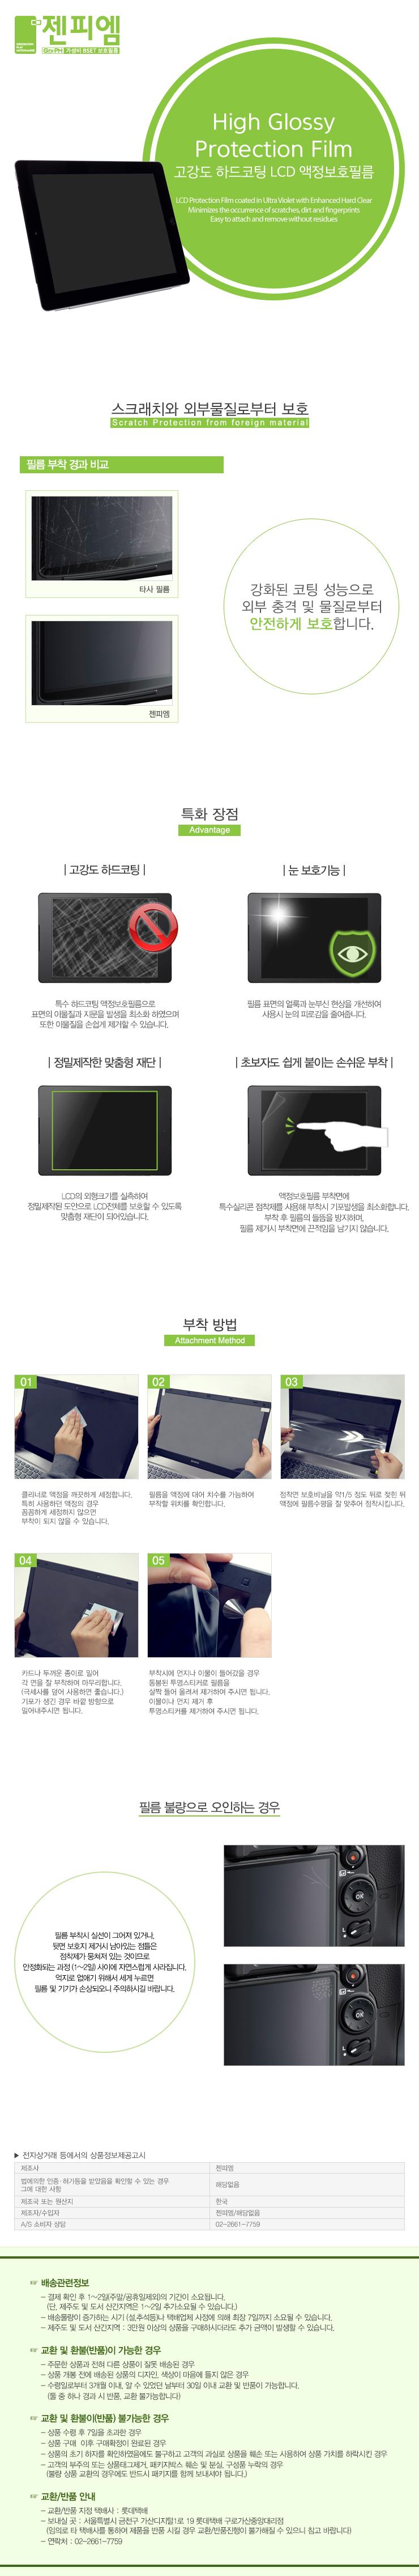 갤럭시 탭A (2016) with S Pen 고광택 액정보호필름 - 젠피엠, 8,700원, 필름/스킨, 기타 갤럭시 제품